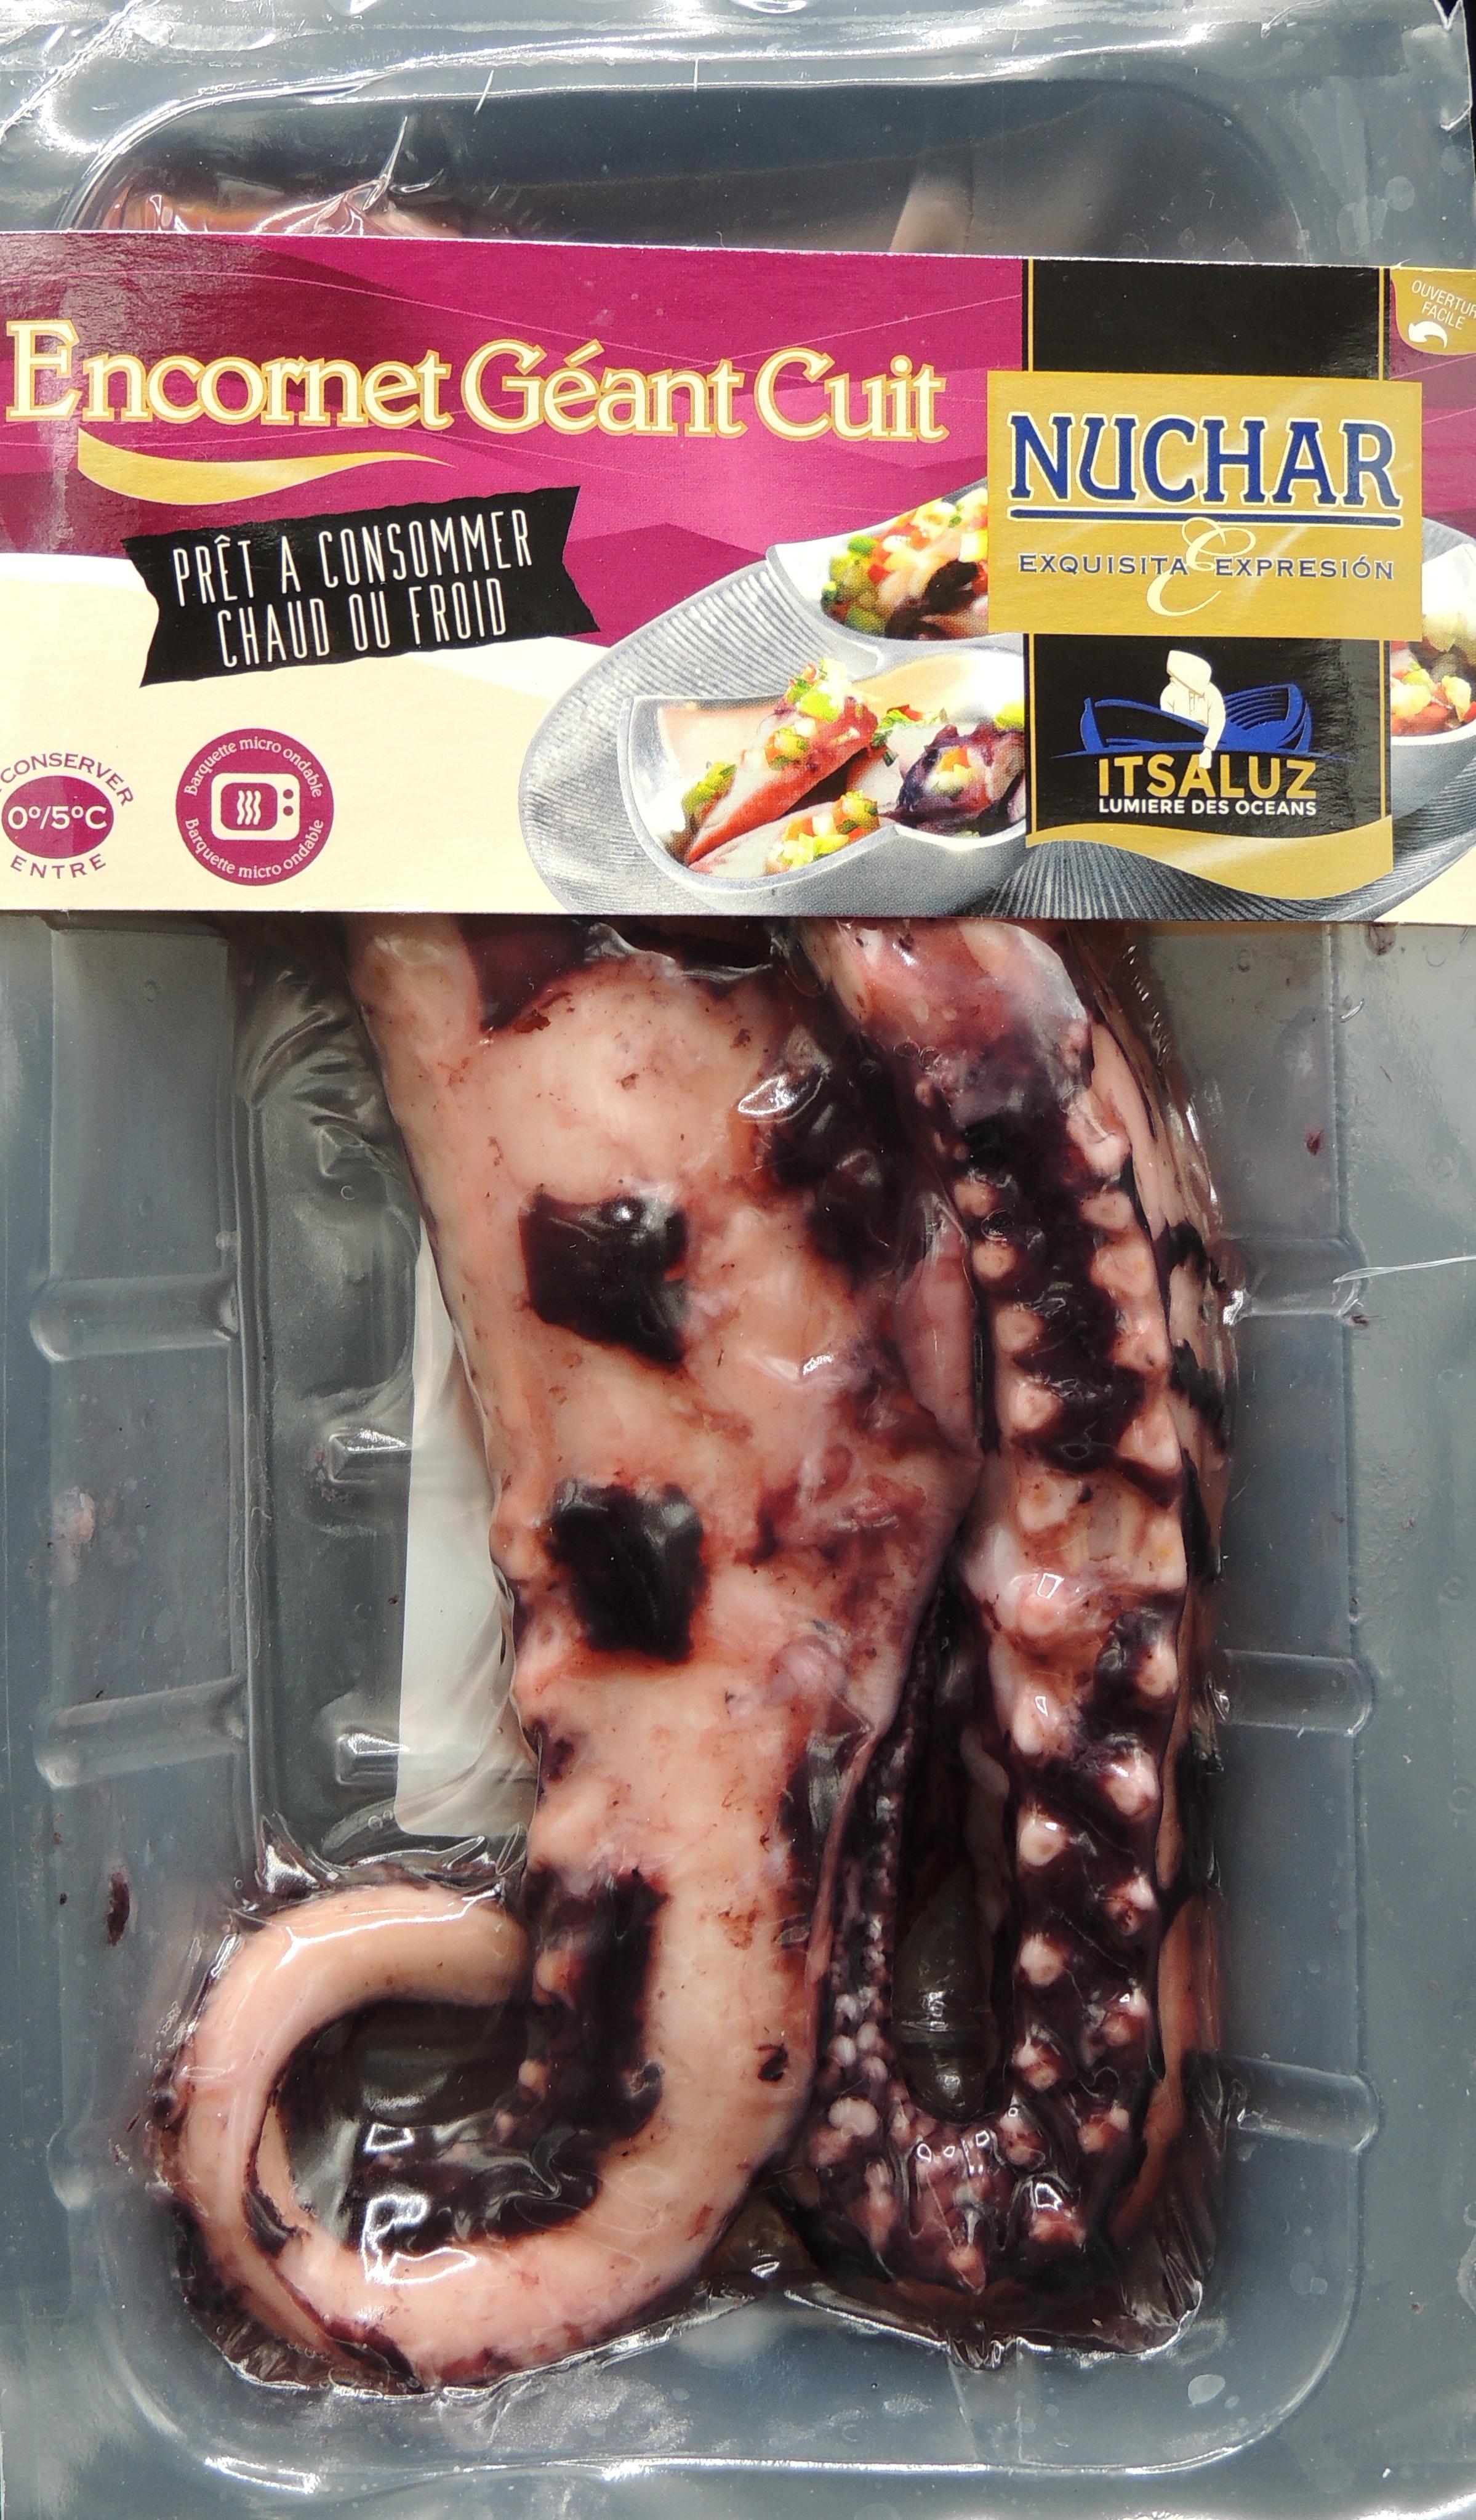 Encornet géant cuit entier/tentacule, Nuchar (265 g)